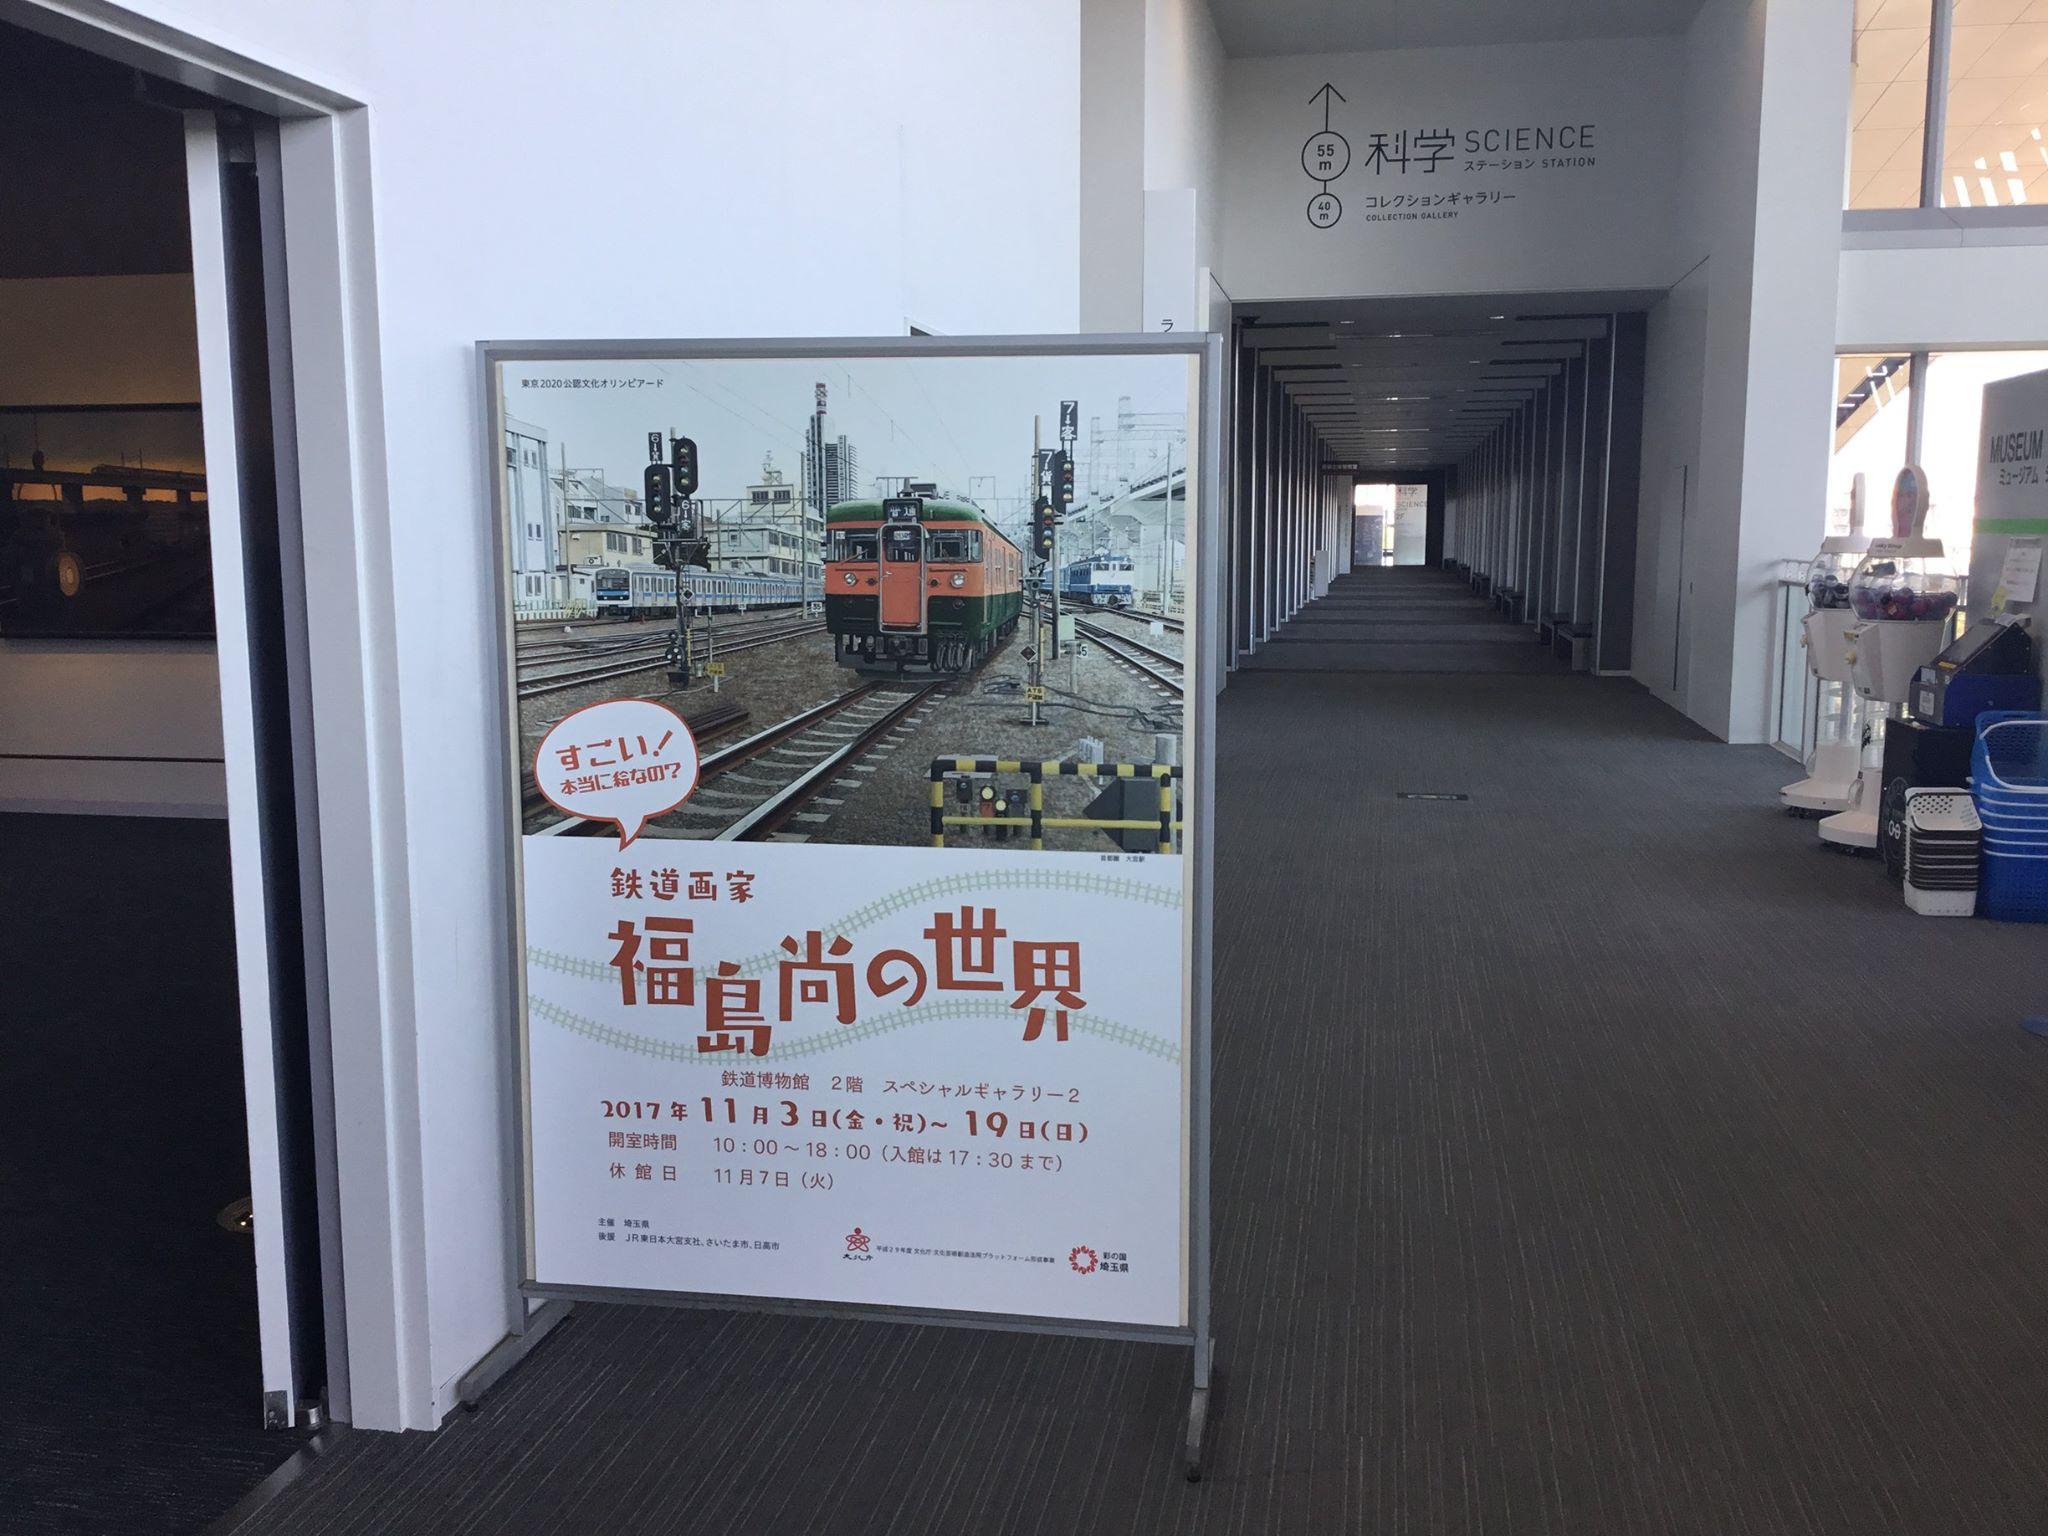 放送中                                                                                    TBSラジオ FM90.5 + AM954                                                    放送中鉄道画家、福島尚さんの個展が鉄道博物館で開催▼人権TODAY(2017年11月4日放送分)                この記事の                番組情報            人権TODAY